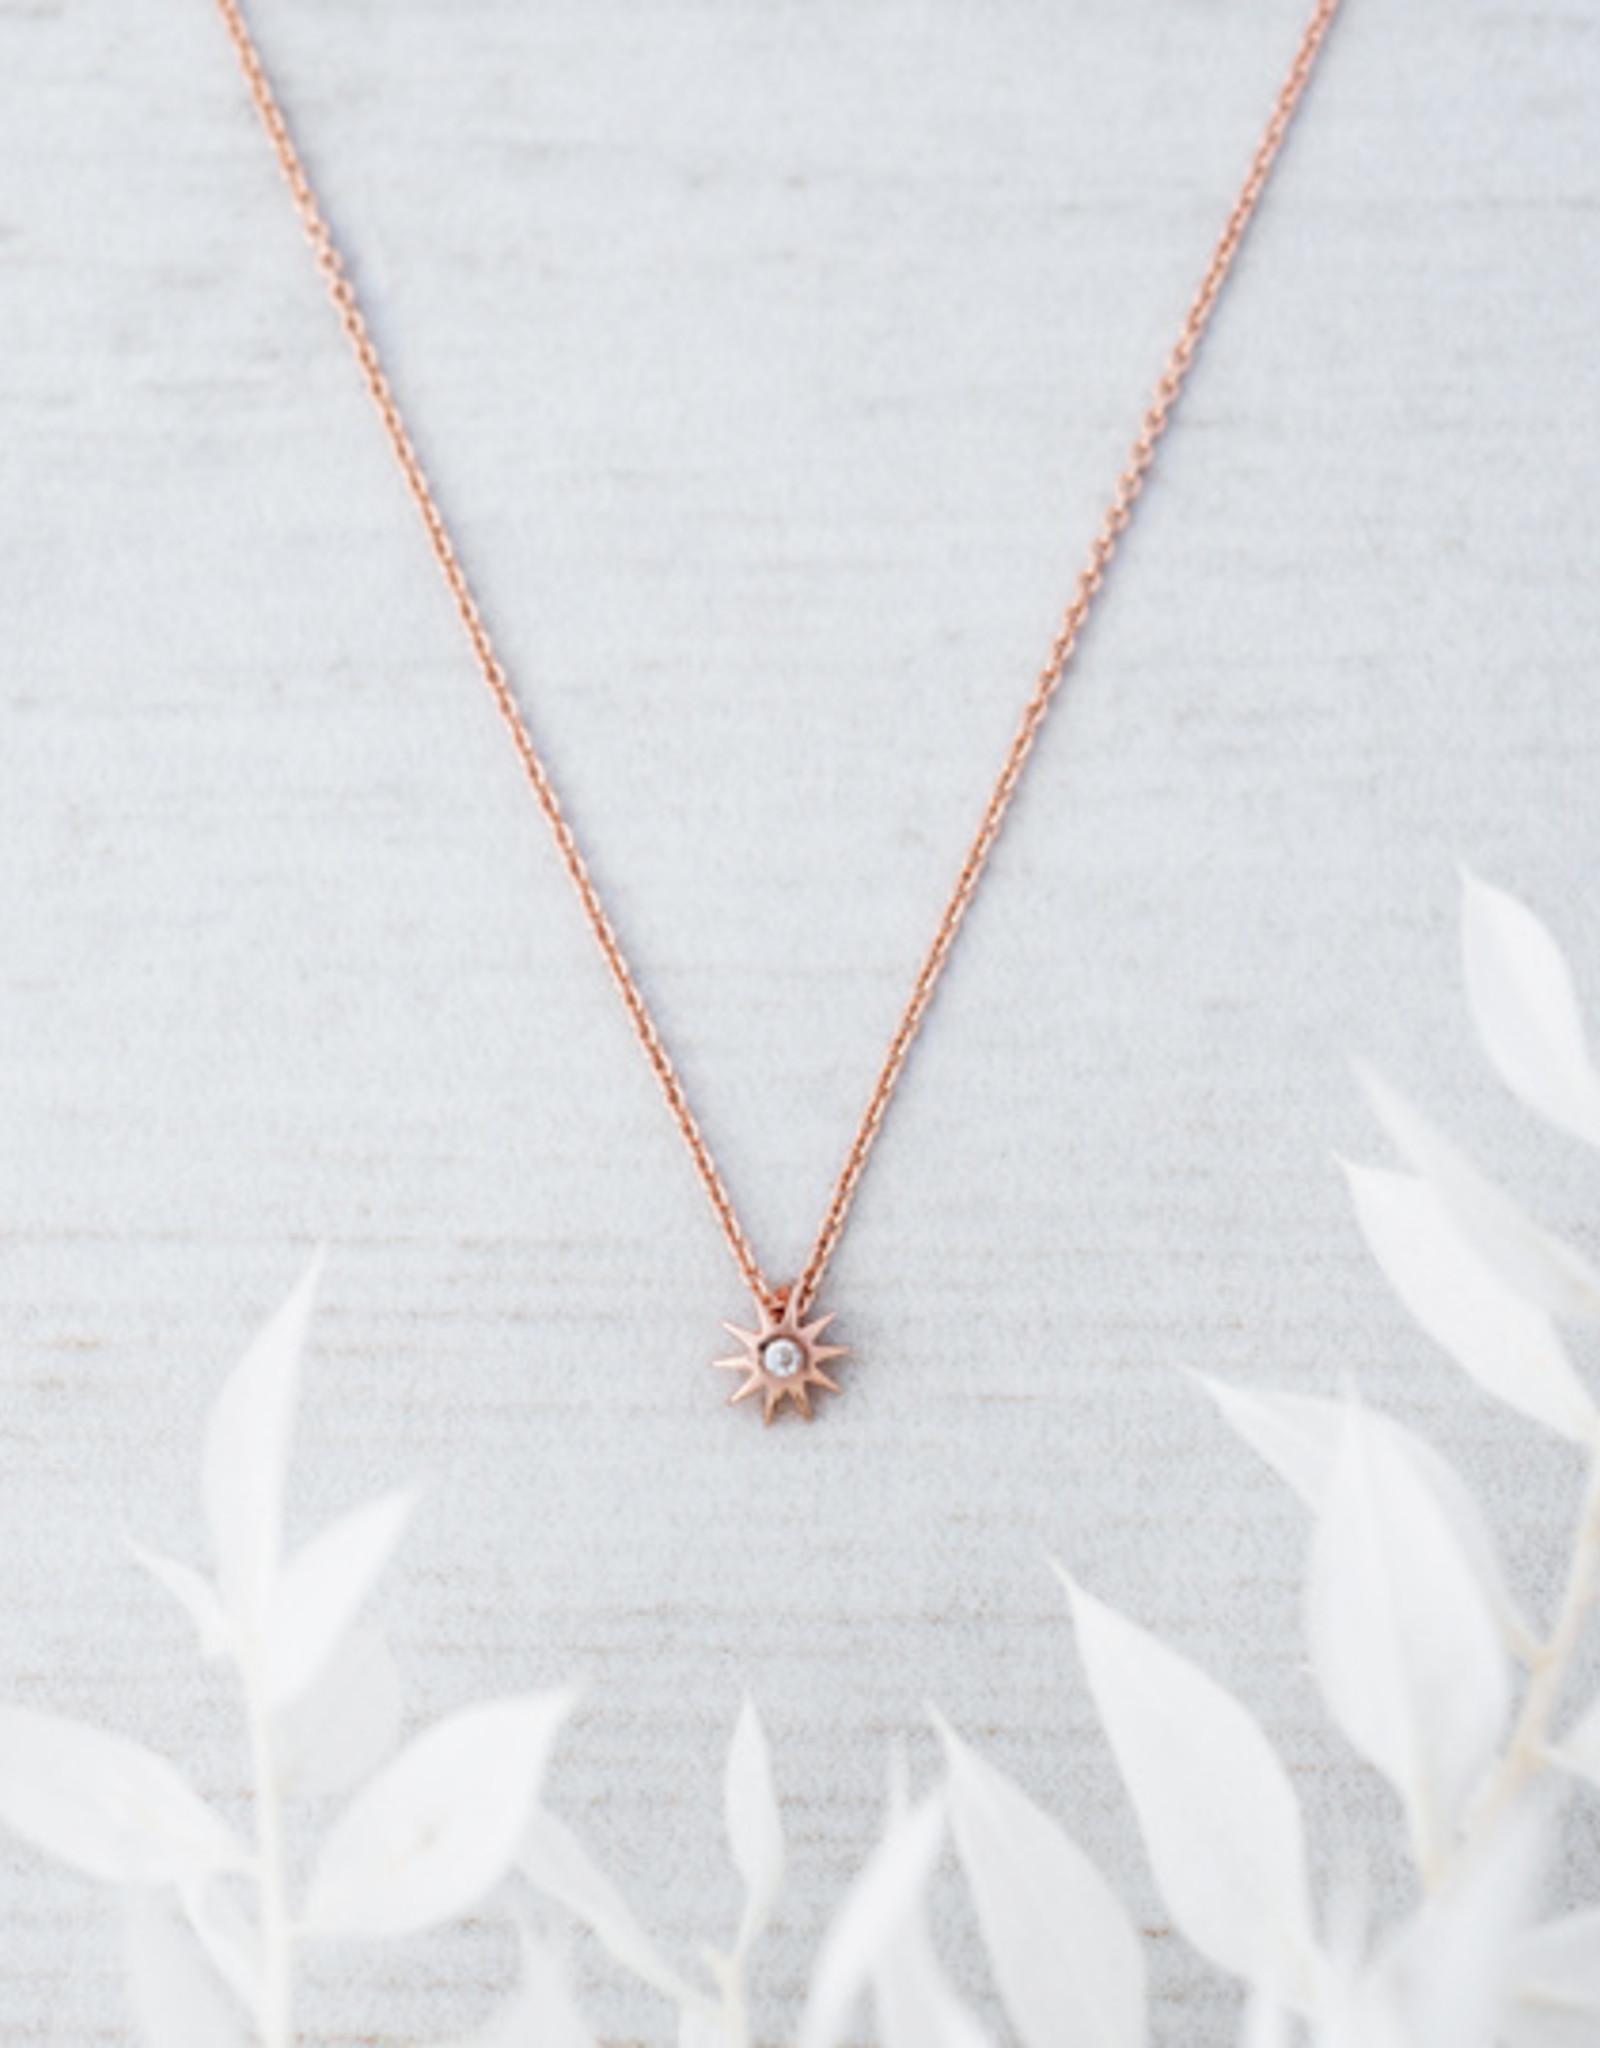 Rose Gold Starburst Necklace